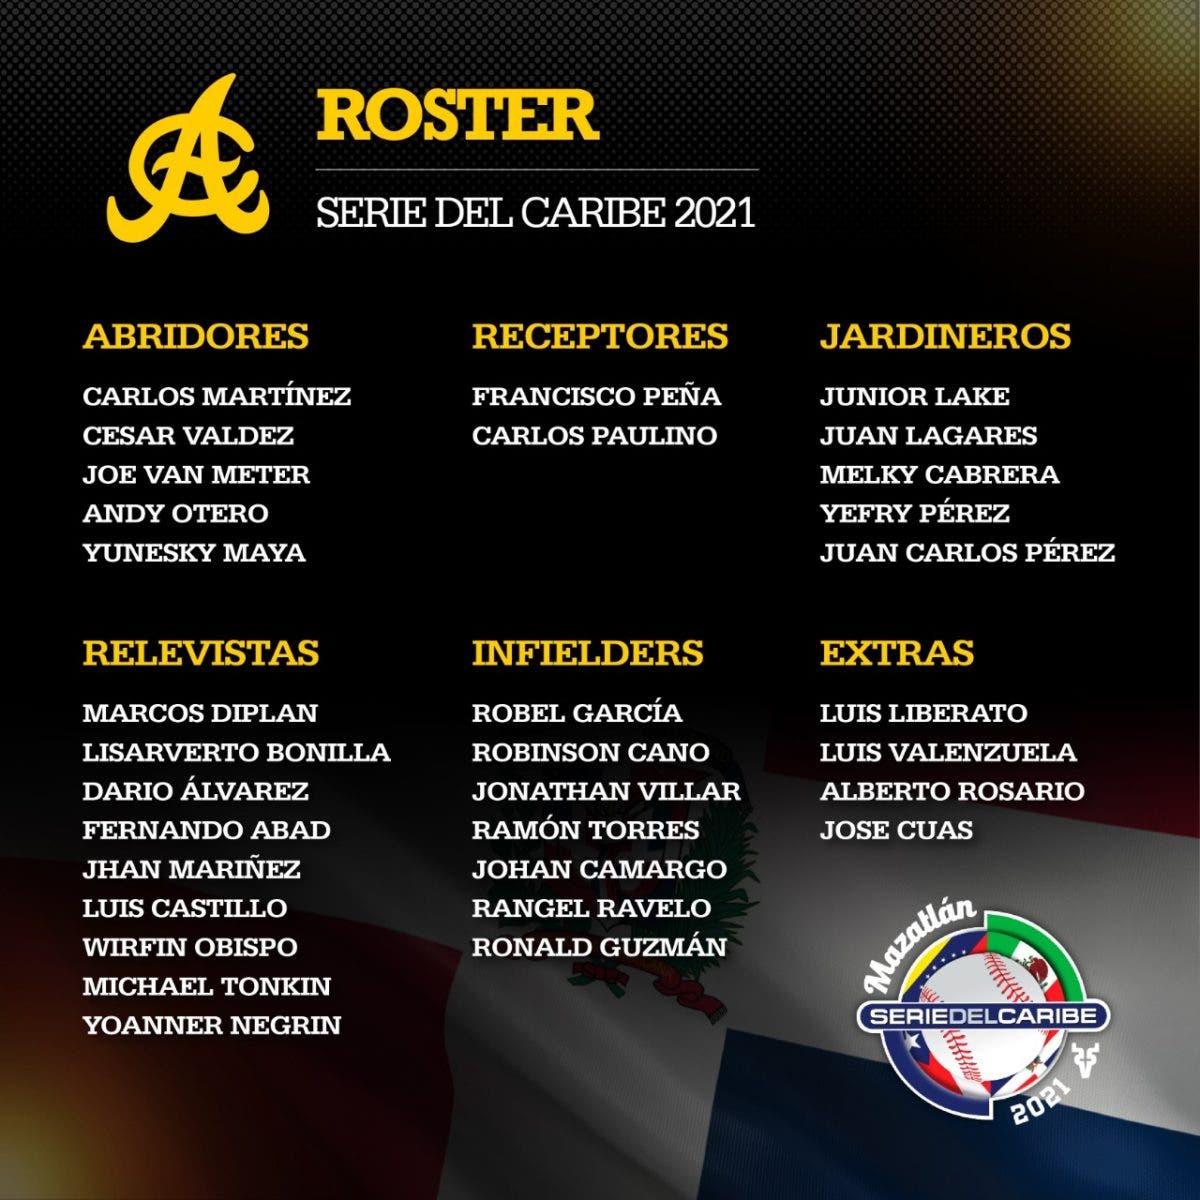 Serie del Caribe: Estos son los jugadores que representarán a República Dominicana